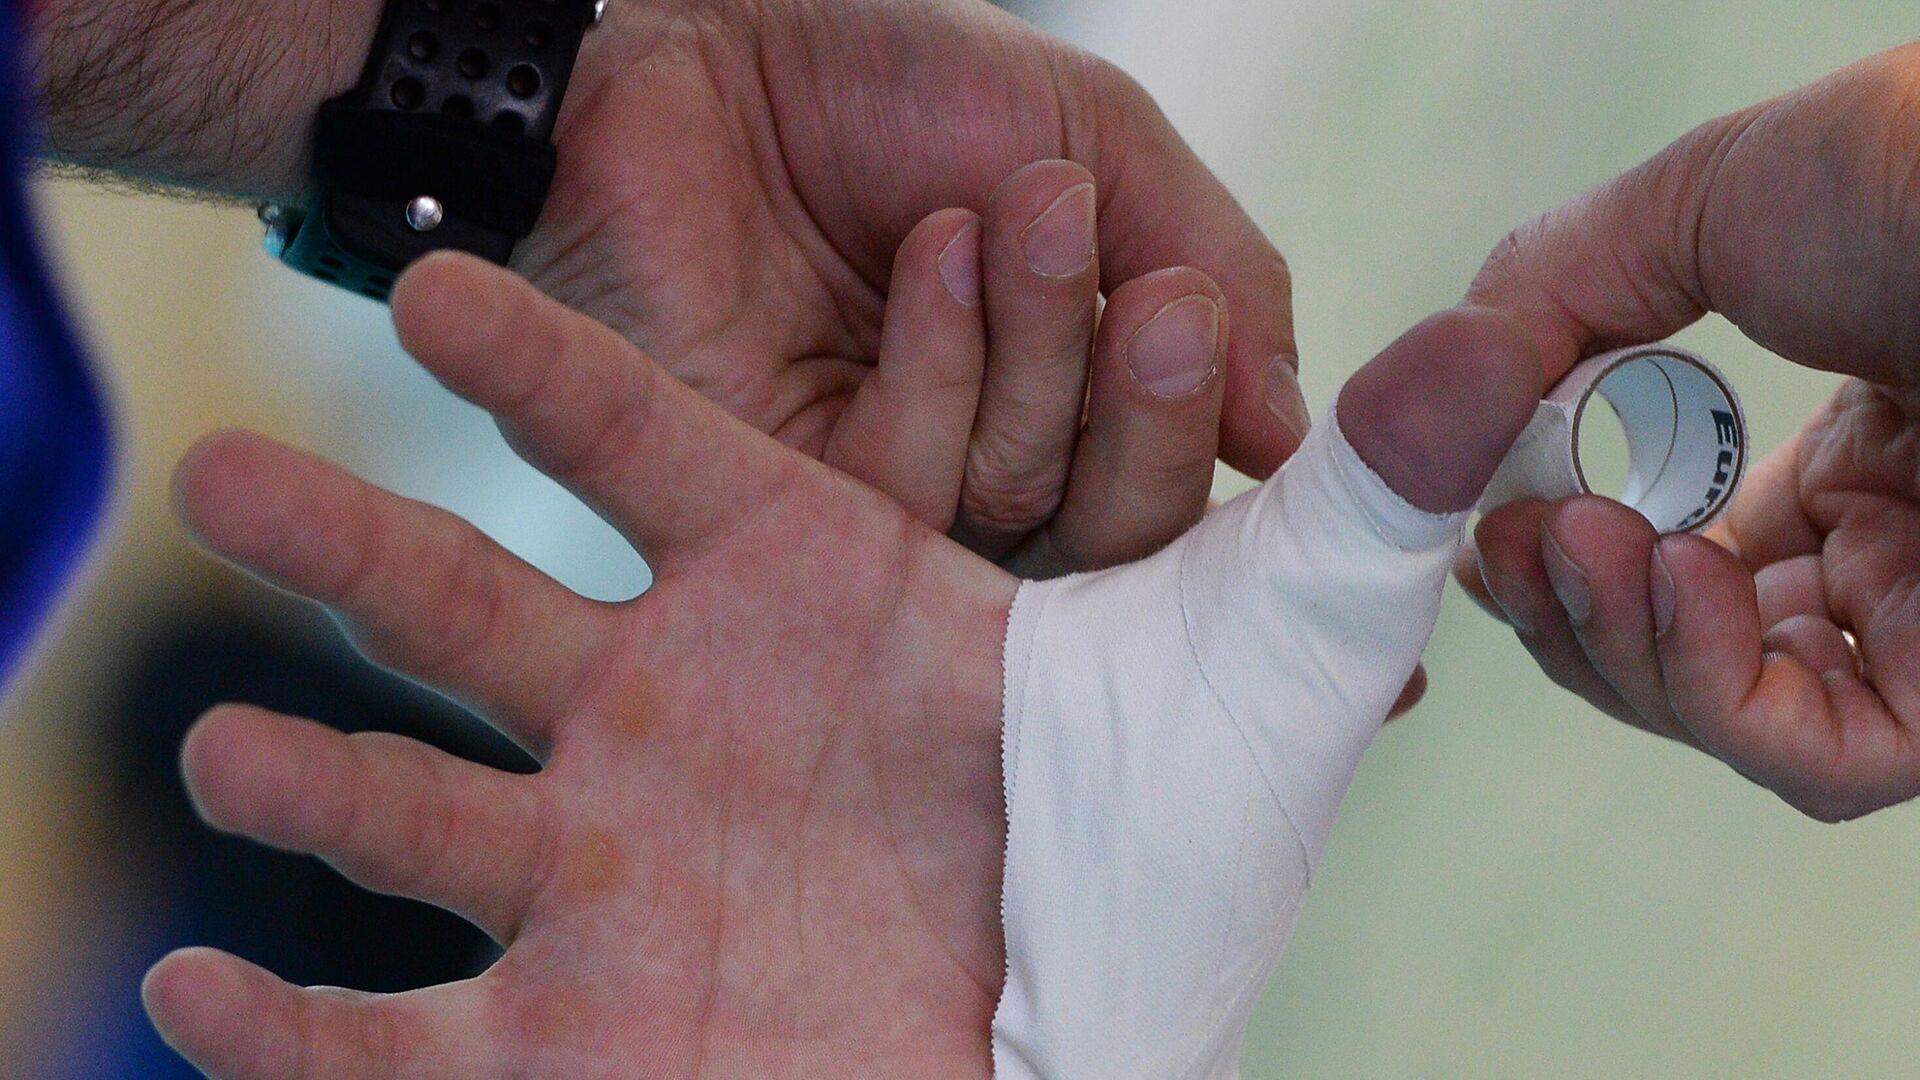 Перевязка травмированного пальца - РИА Новости, 1920, 14.01.2021